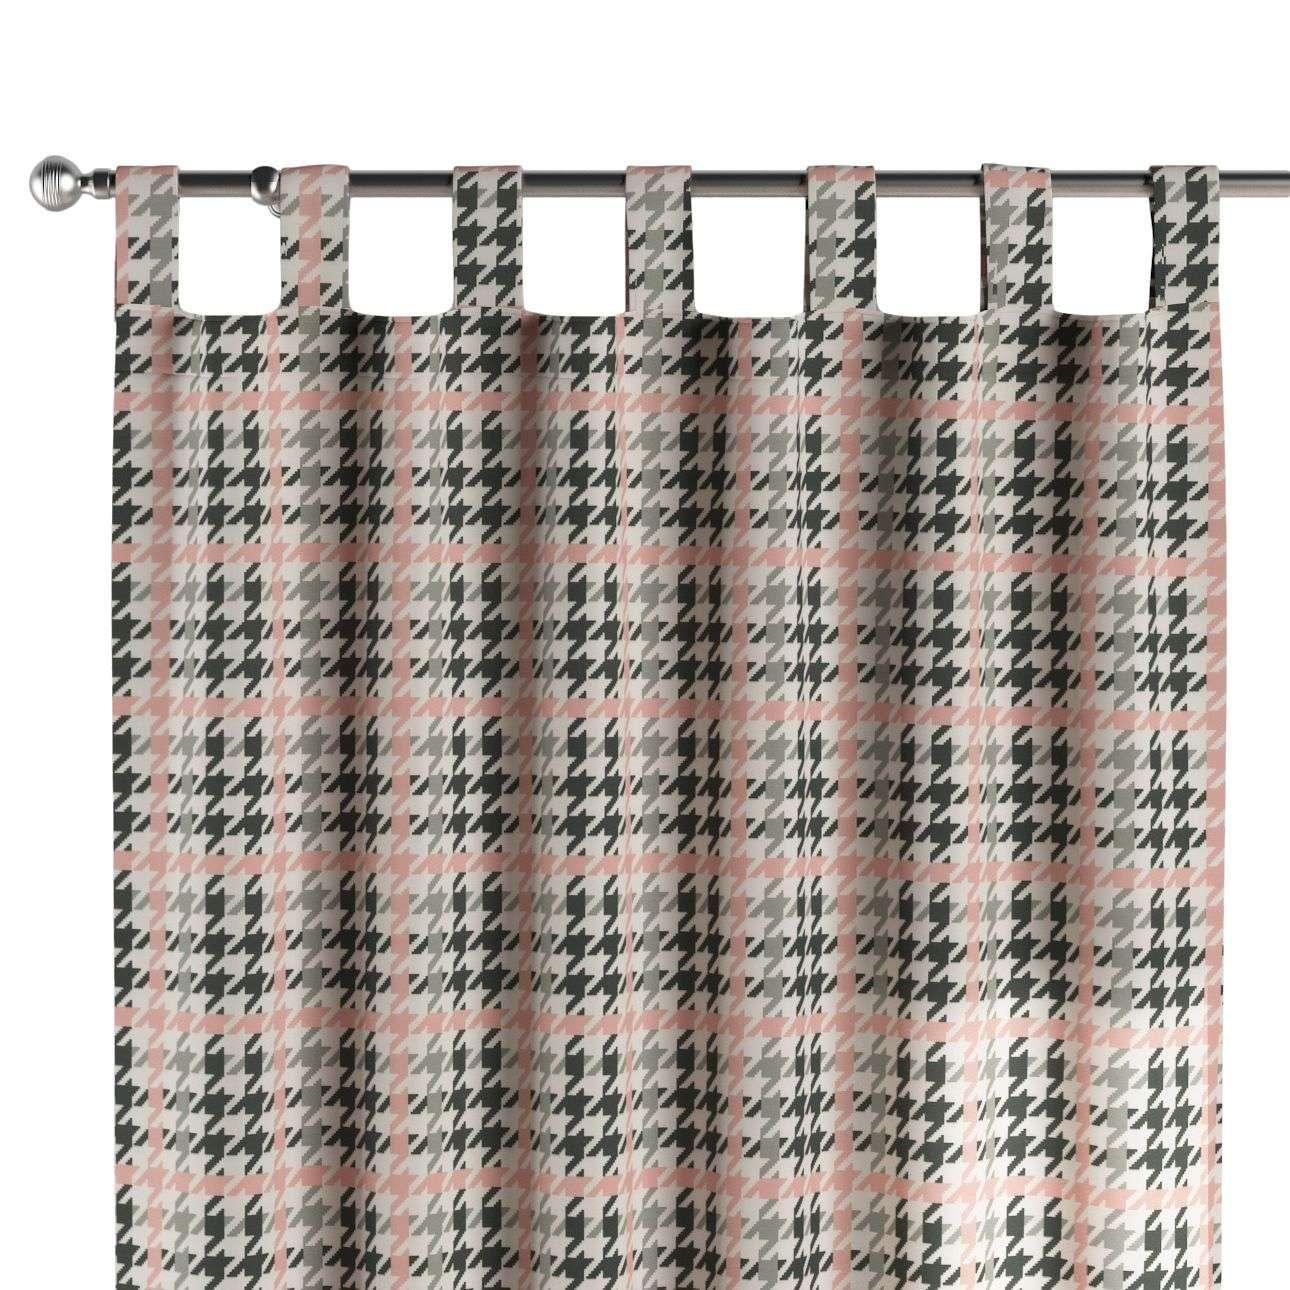 Schlaufenschal, rosa-schwarz, 1 Stck. 130 × 260 cm, Brooklyn | Heimtextilien > Gardinen und Vorhänge > Schlaufenschals | Dekoria